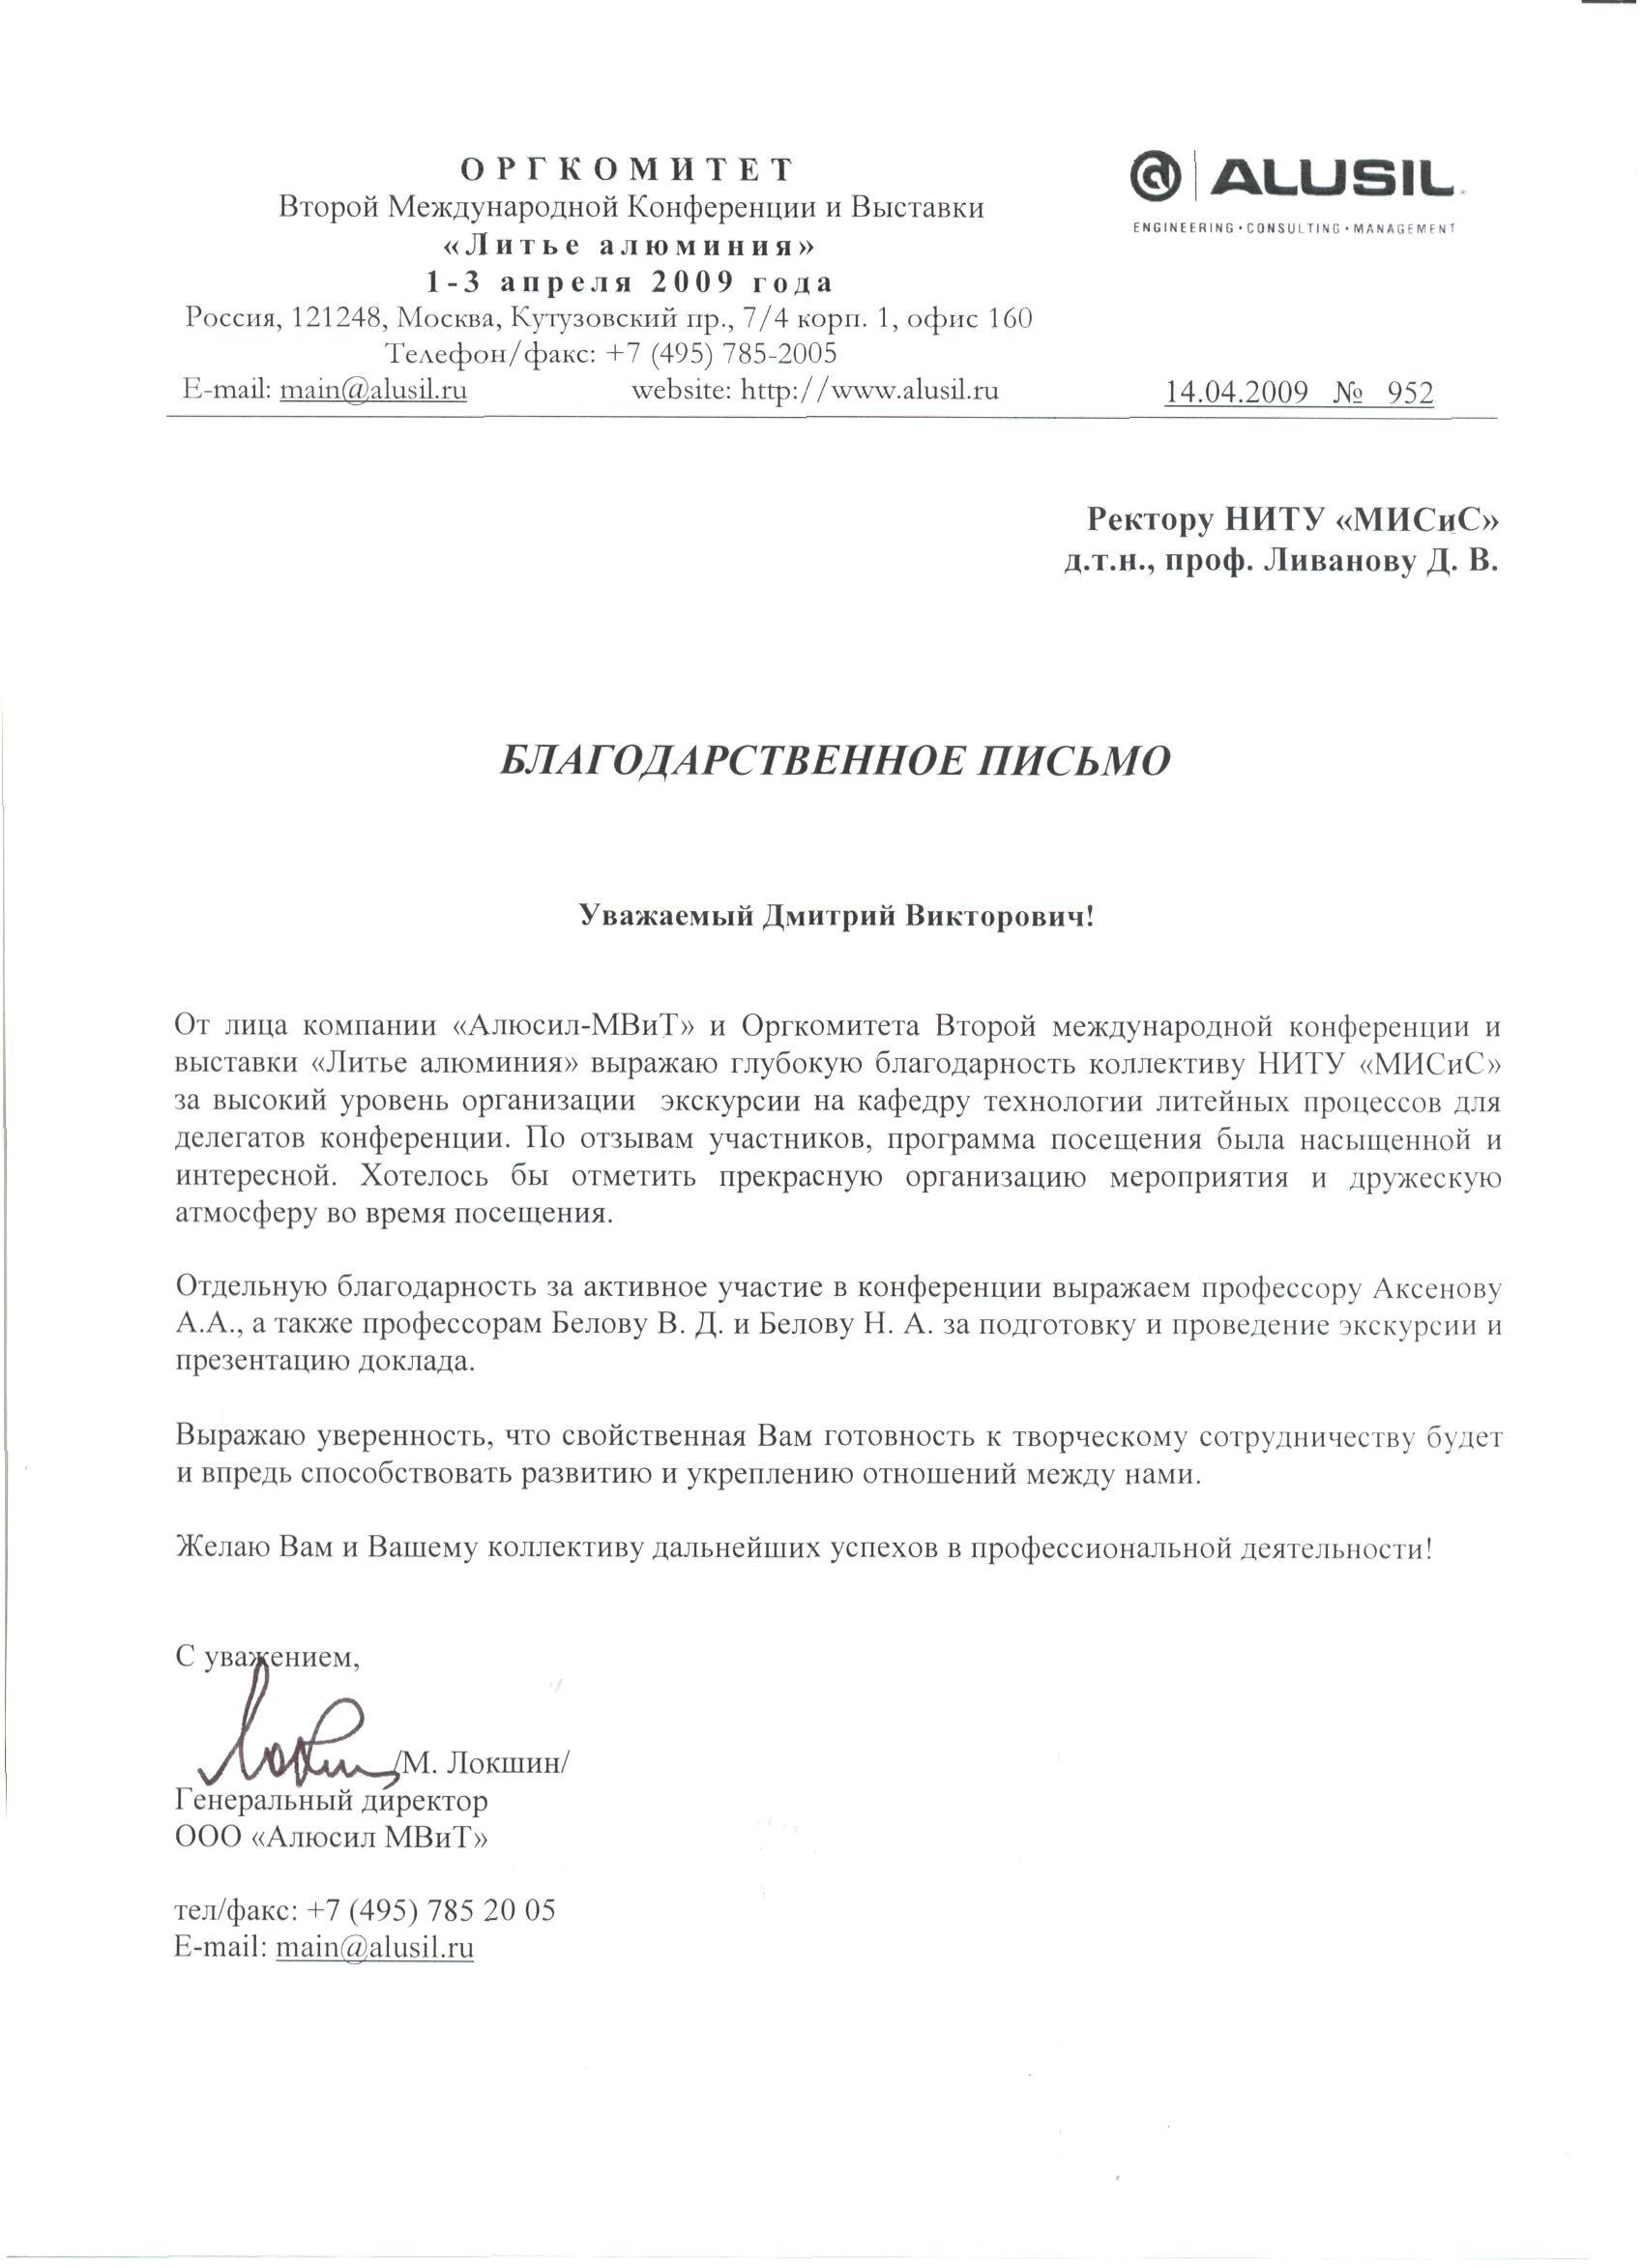 Благодарственное письмо от организаторов конференции на имя ректора МИСиС